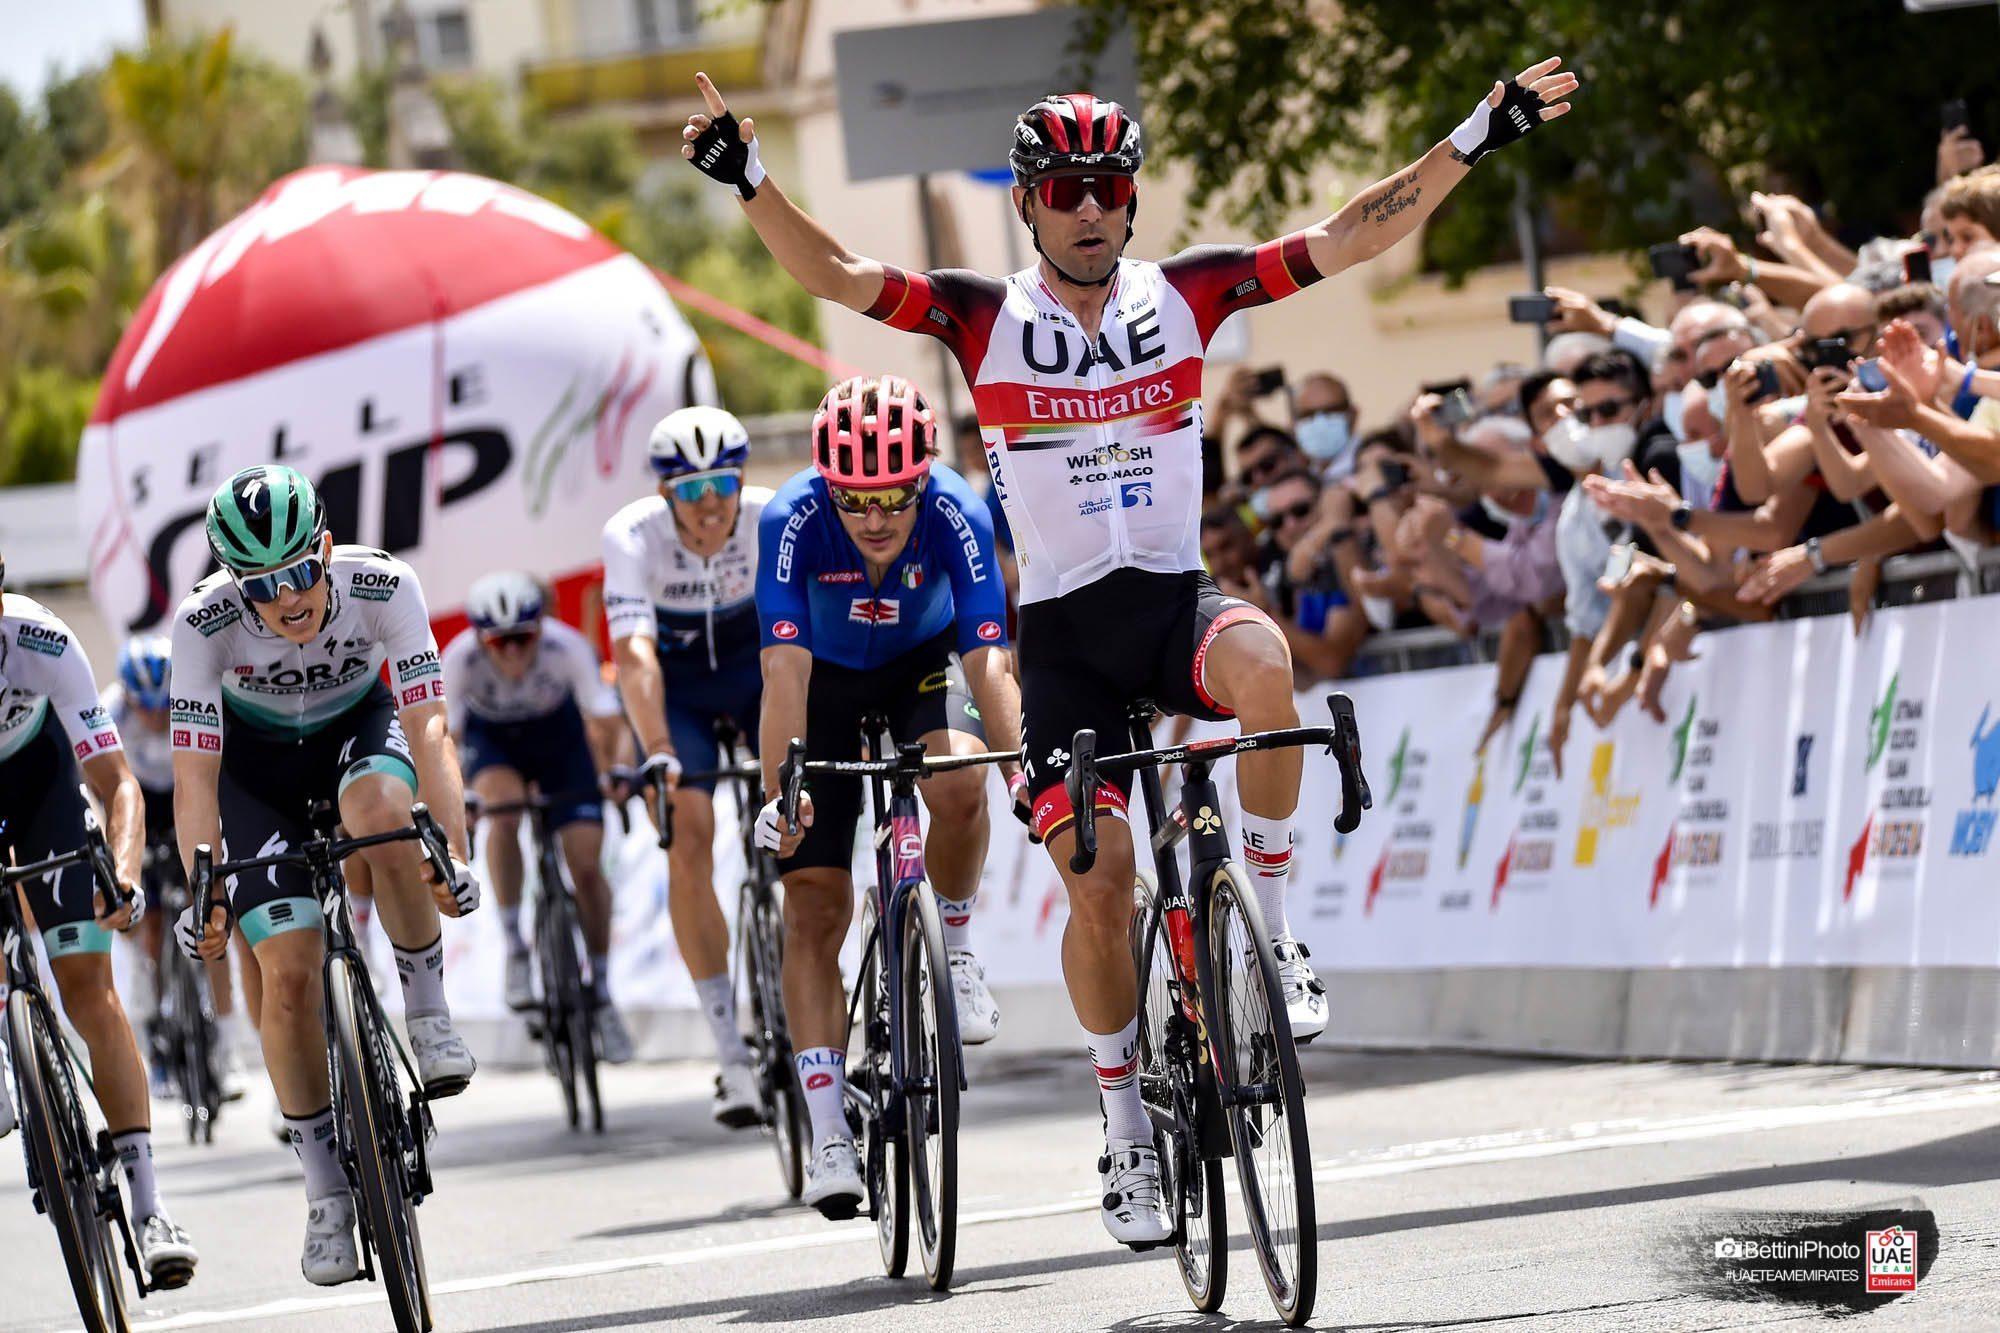 Диего Улисси одержал победу на первом этапе первого издания велогонки Settimana Ciclistica Italiana